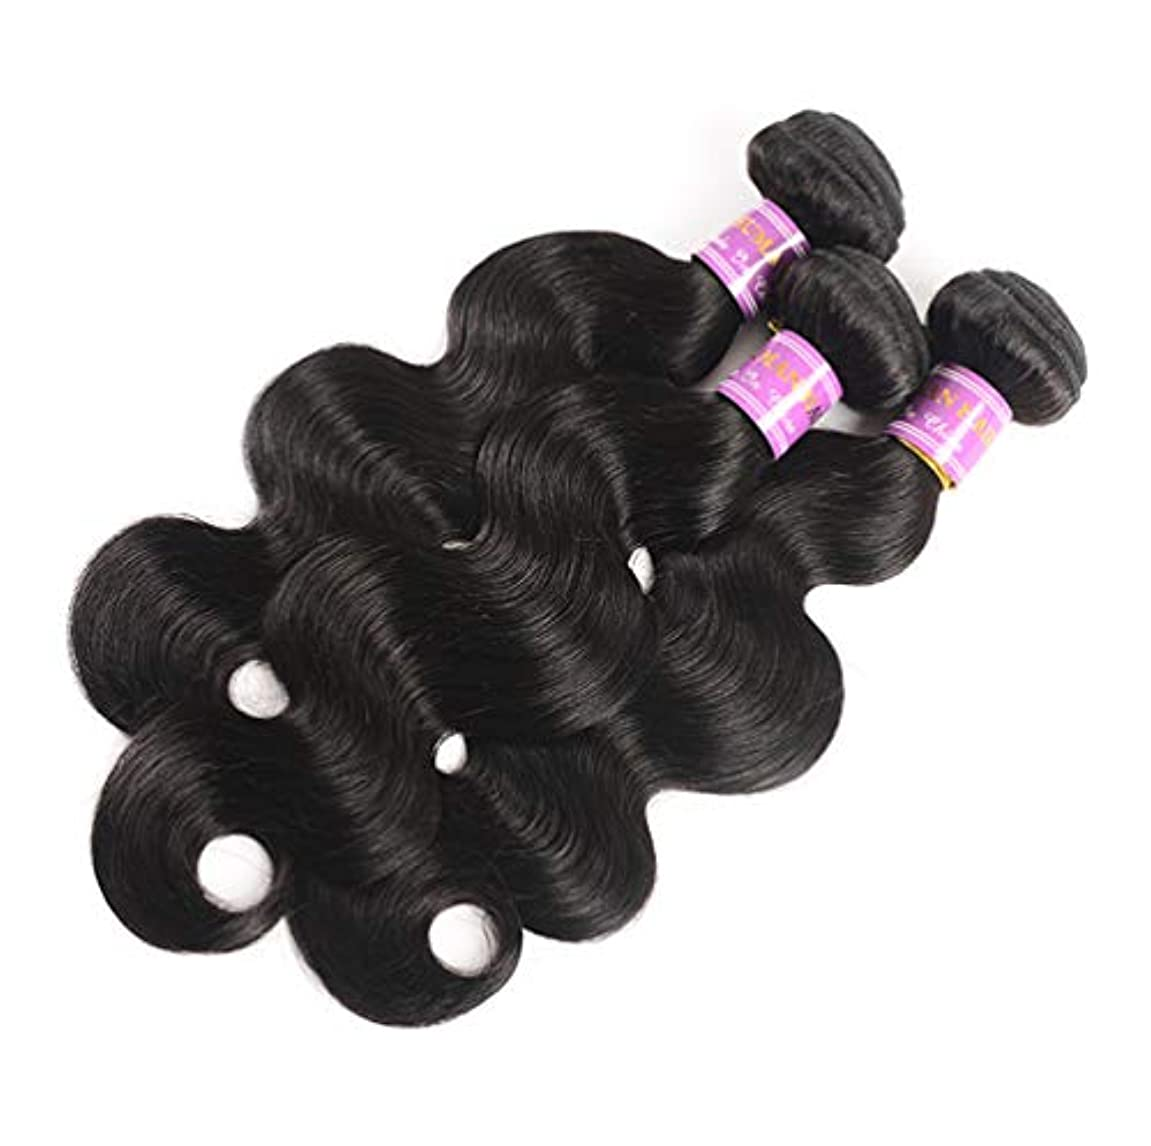 通知する情報狐10Aブラジルの天然水波バージン毛織り3バンドル100%加工されていない人間の毛髪延長自然色95-100 g/pc